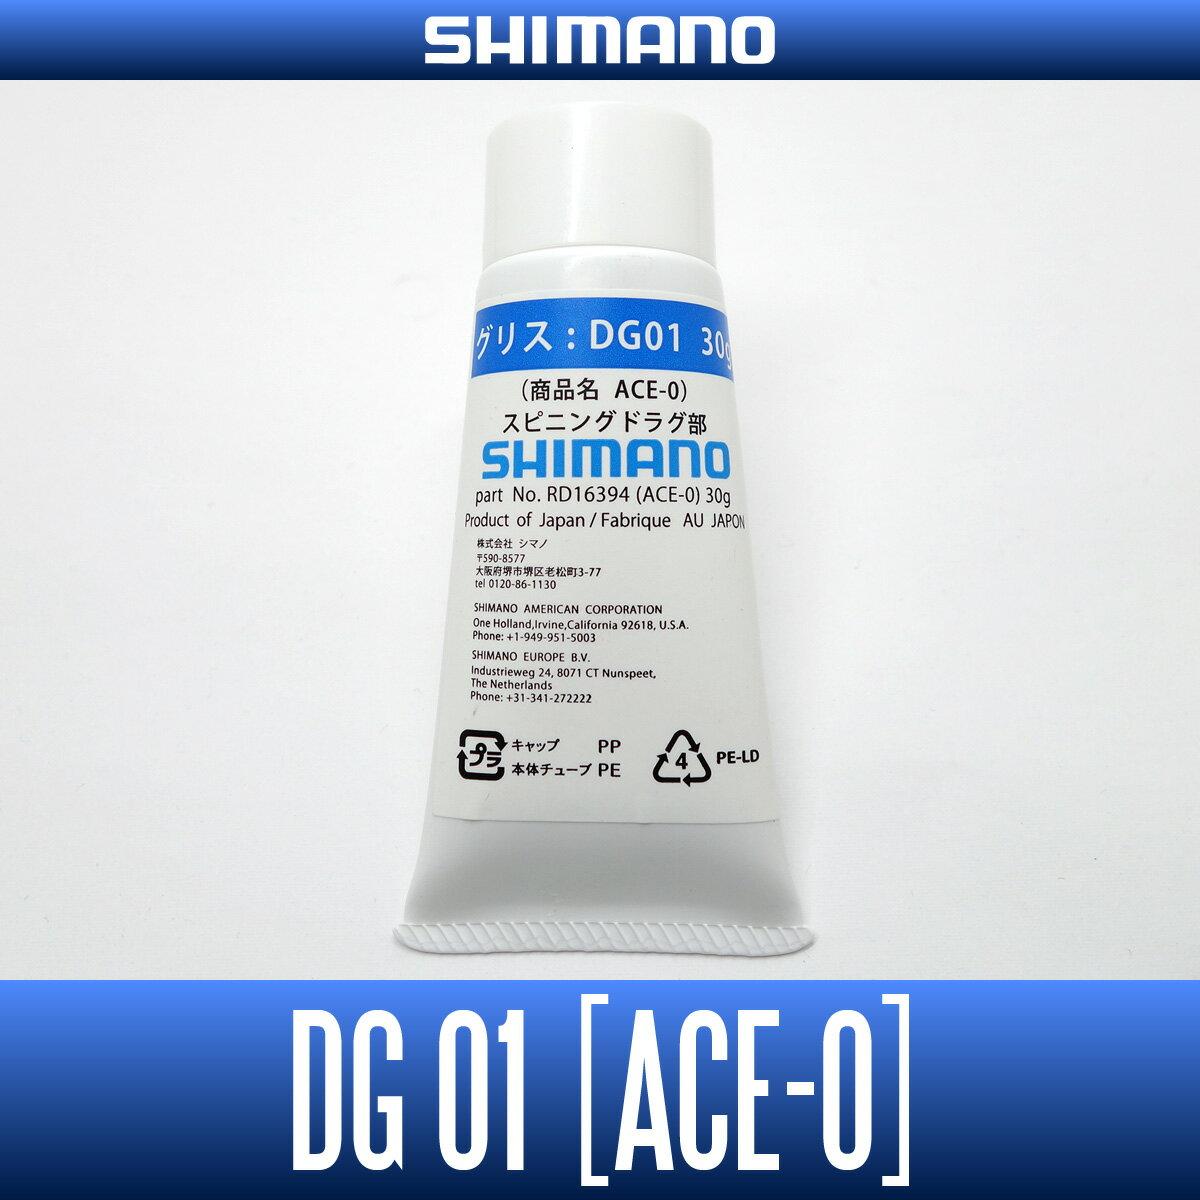 シマノ純正NEWパッケージスピニングリールドラググリスACE-0-DG01-※送料無料